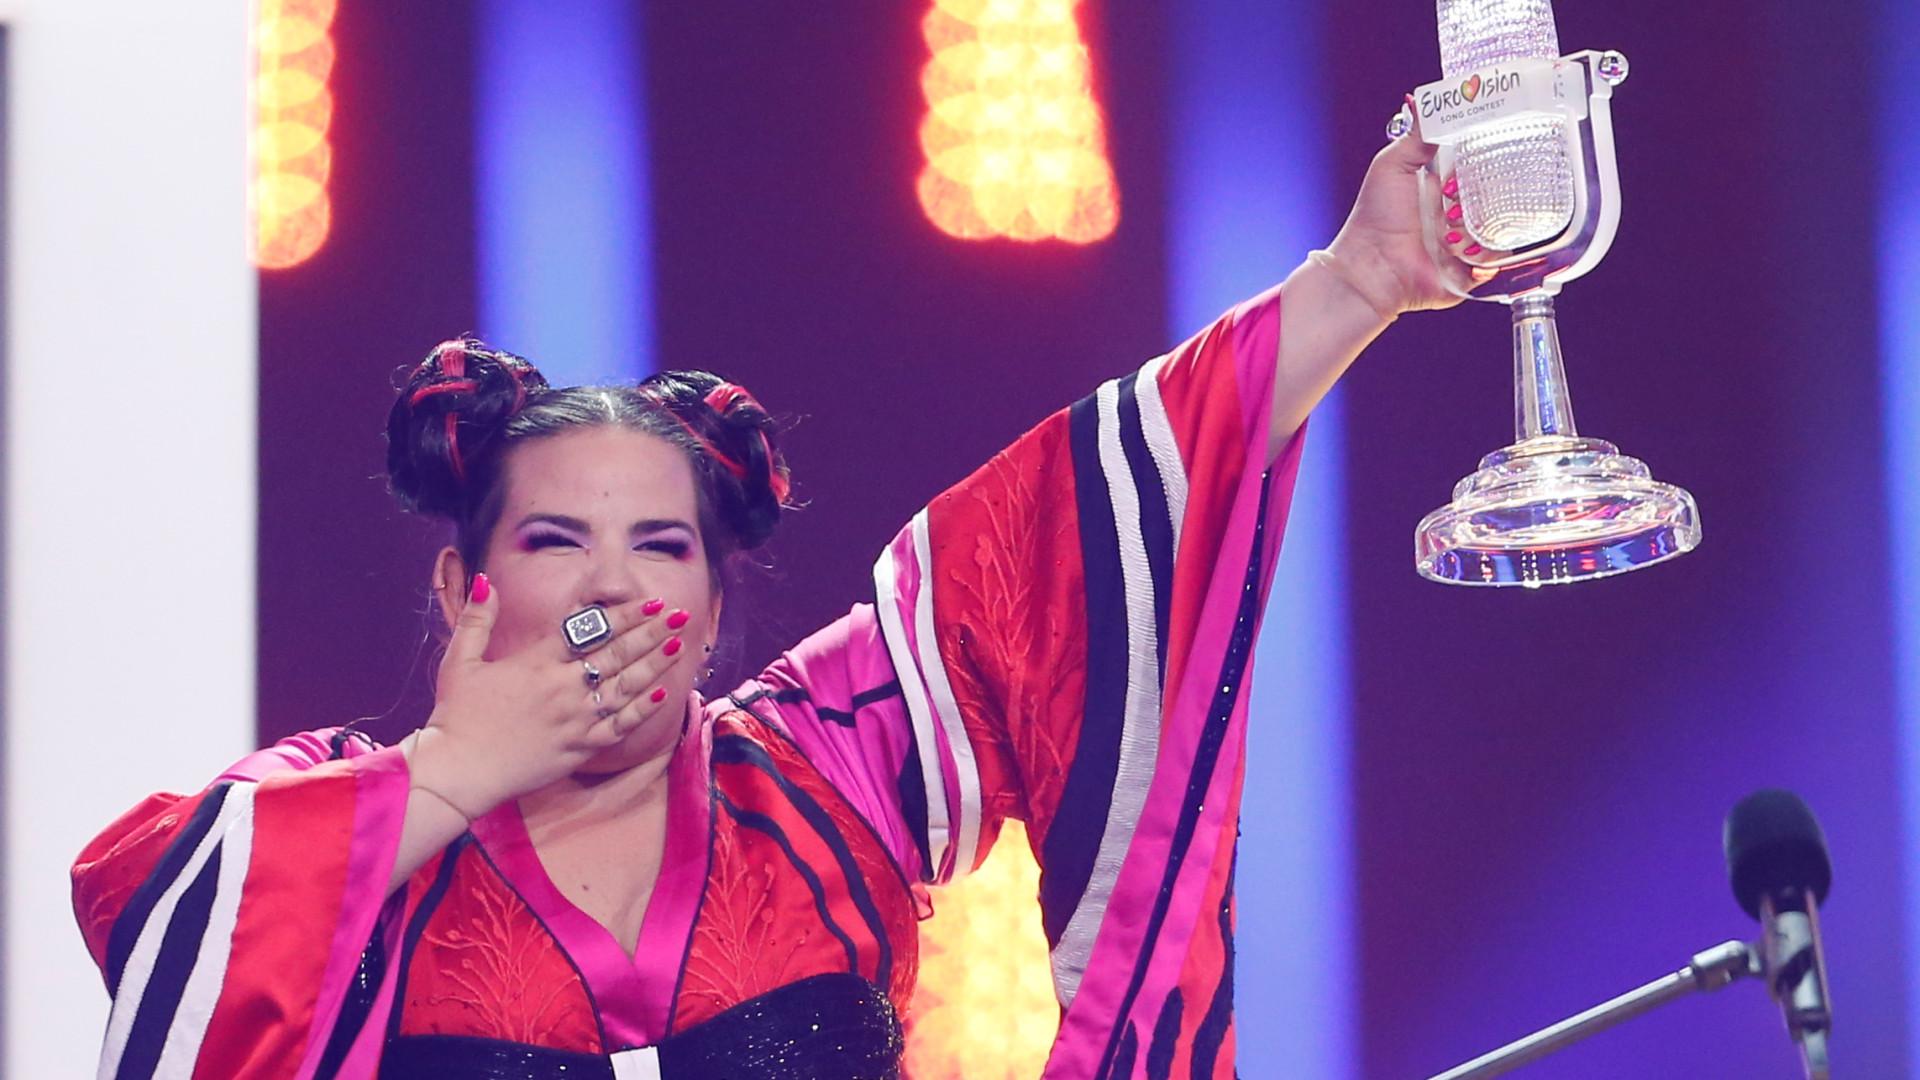 RTP bate recorde de audiências da última década graças à Eurovisão